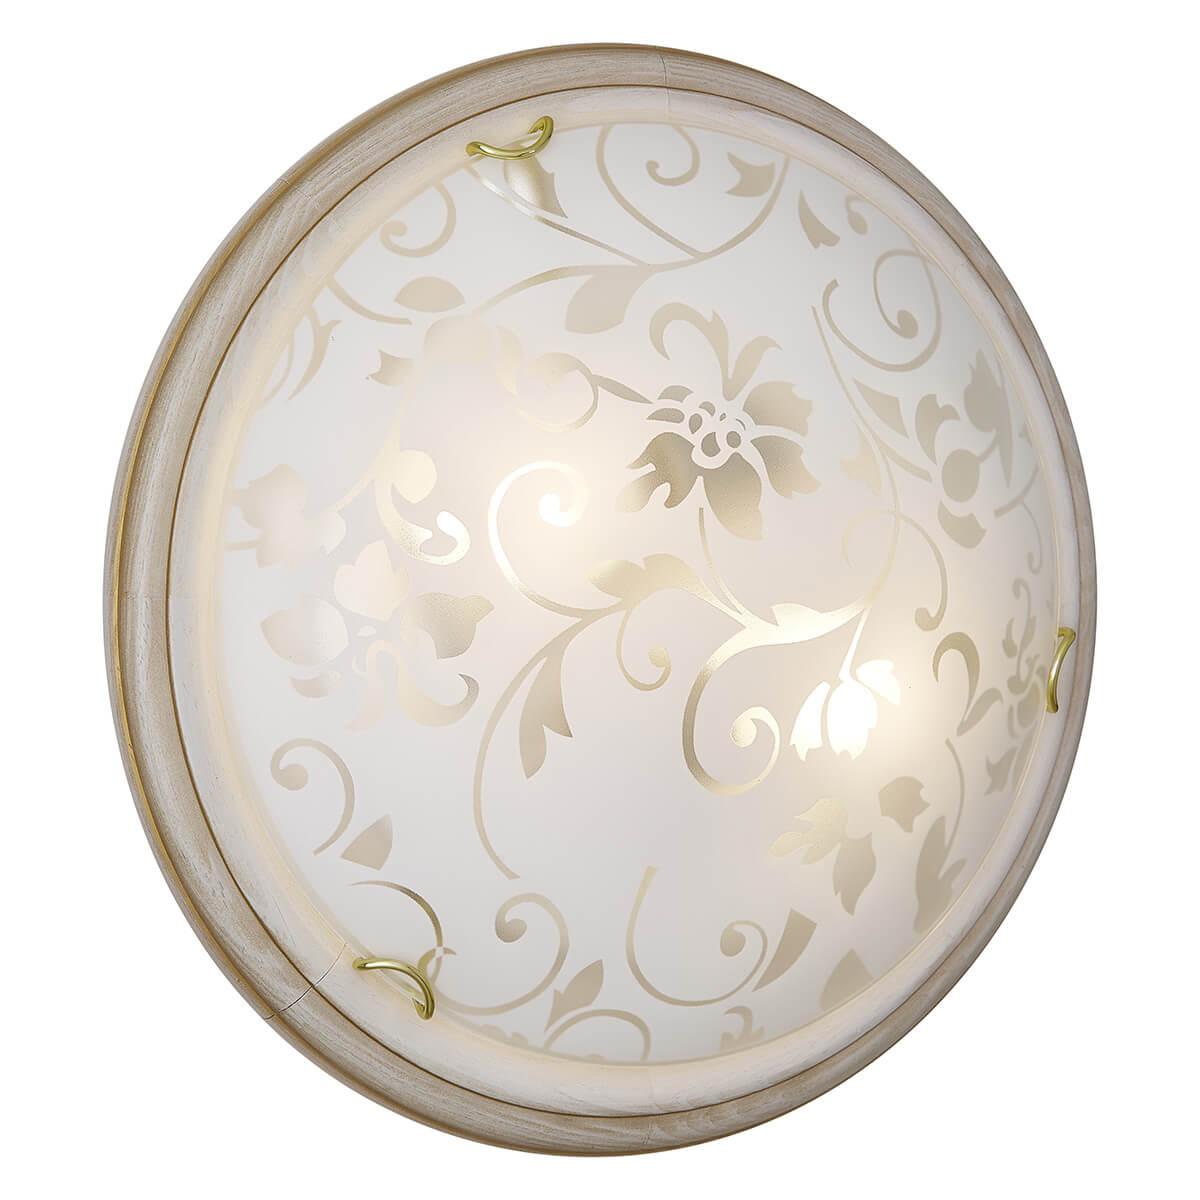 Потолочный светильник Sonex Provence Crema 256 цена 2017